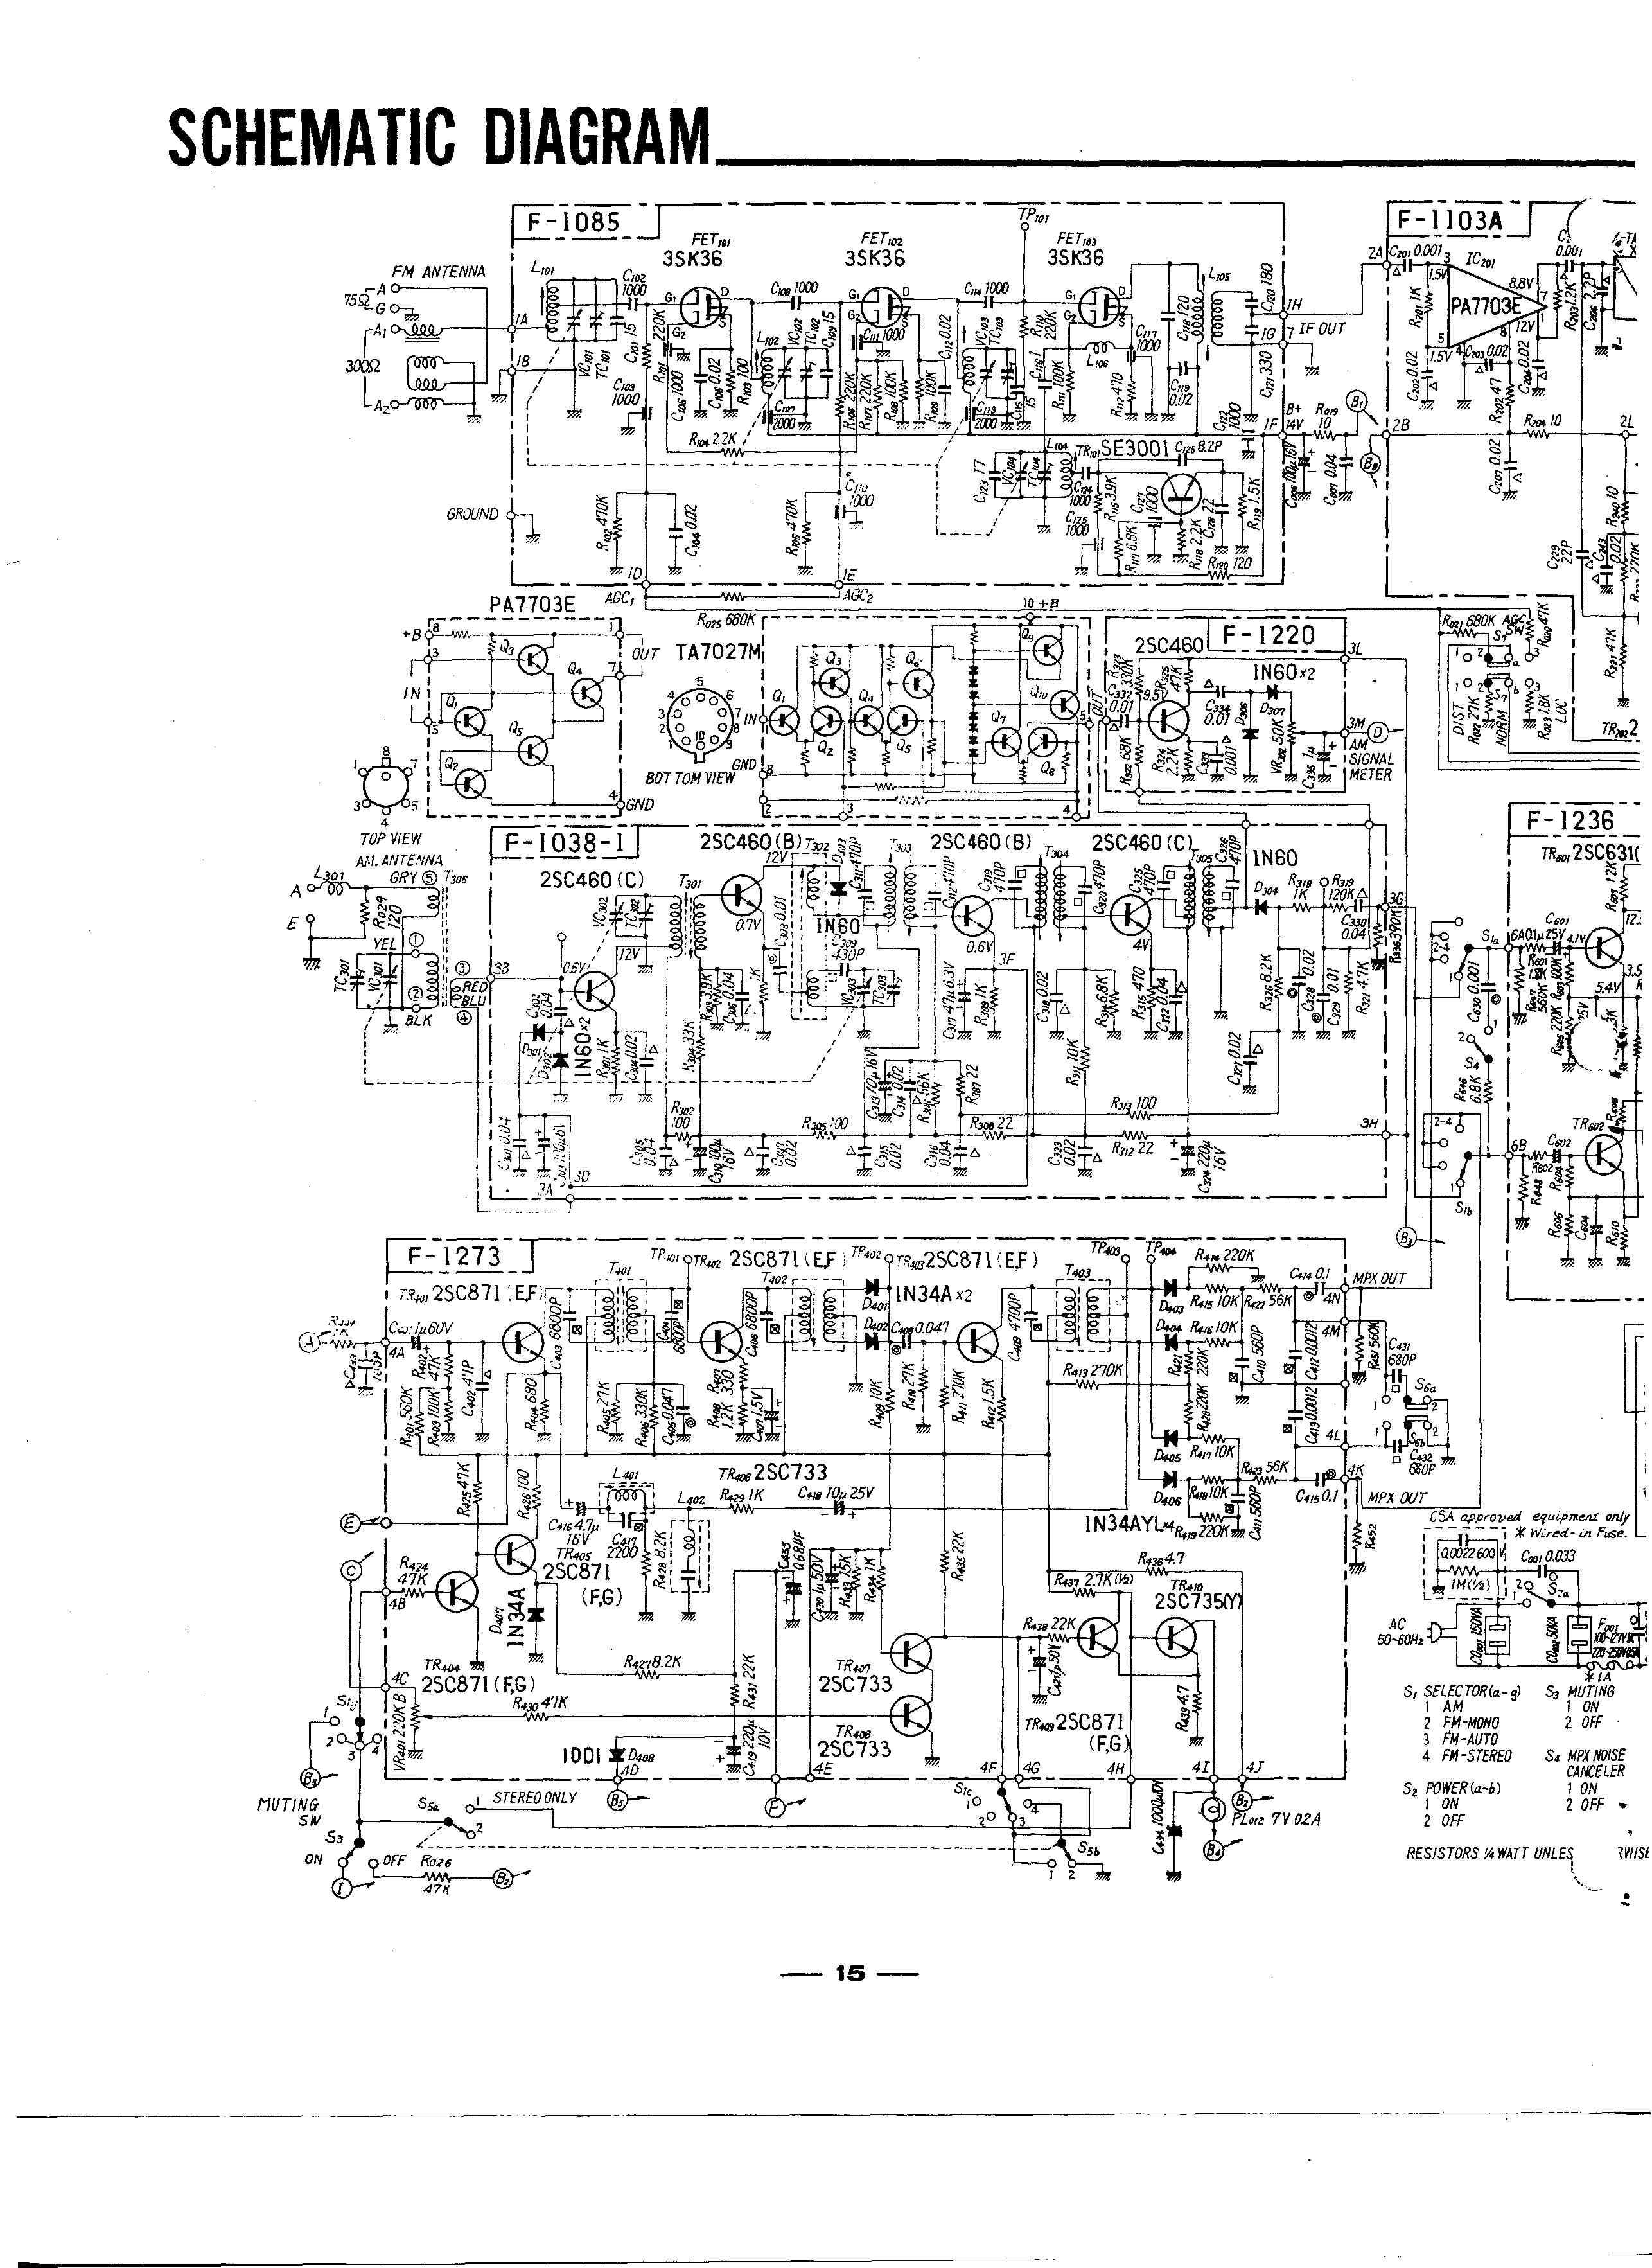 Tuner Circuit Schematics, Tuner, Get Free Image About